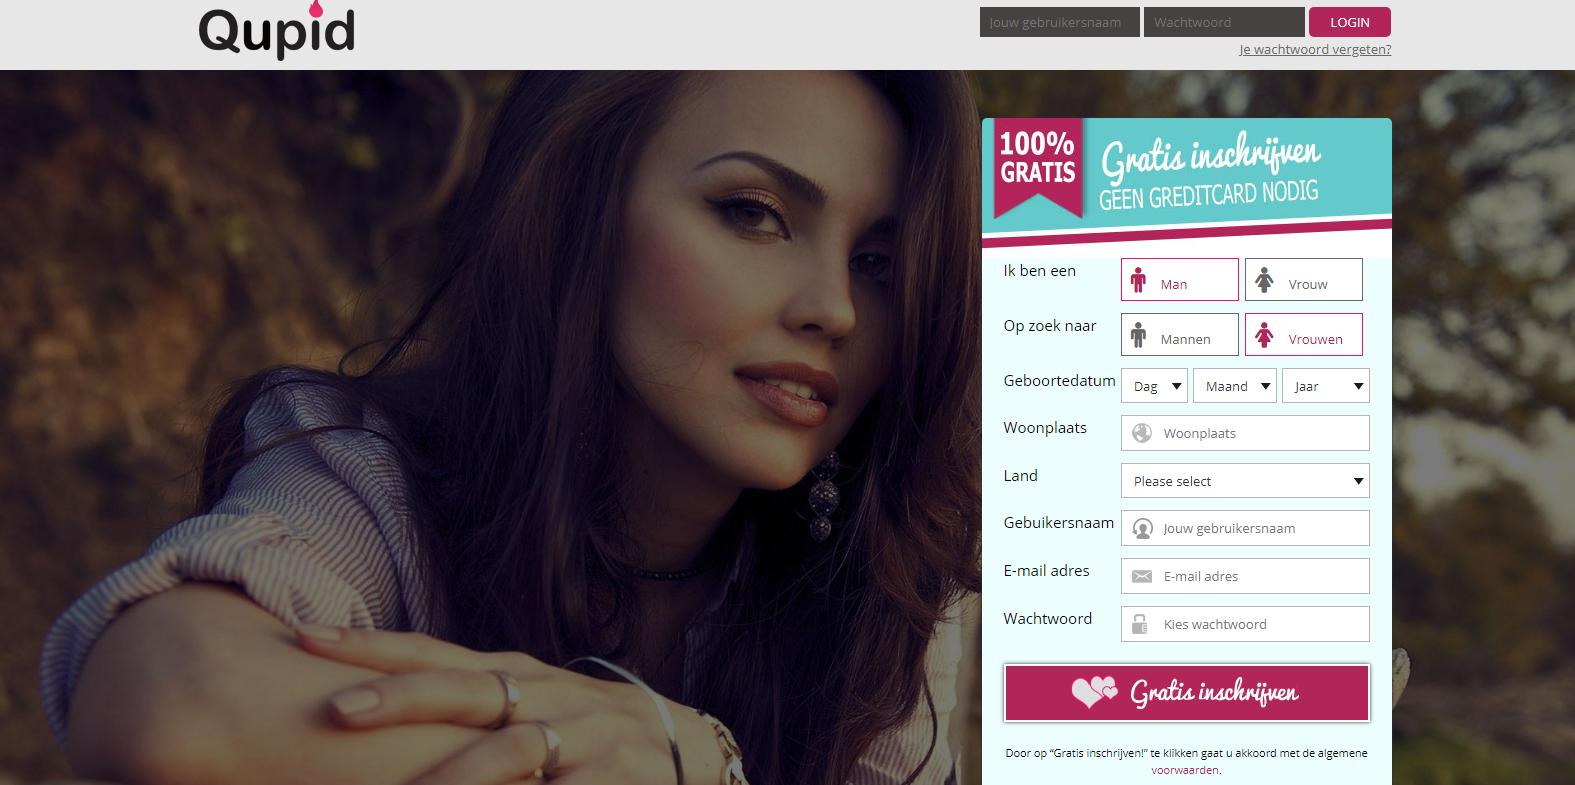 Hoe te kiezen voor de beste online dating site